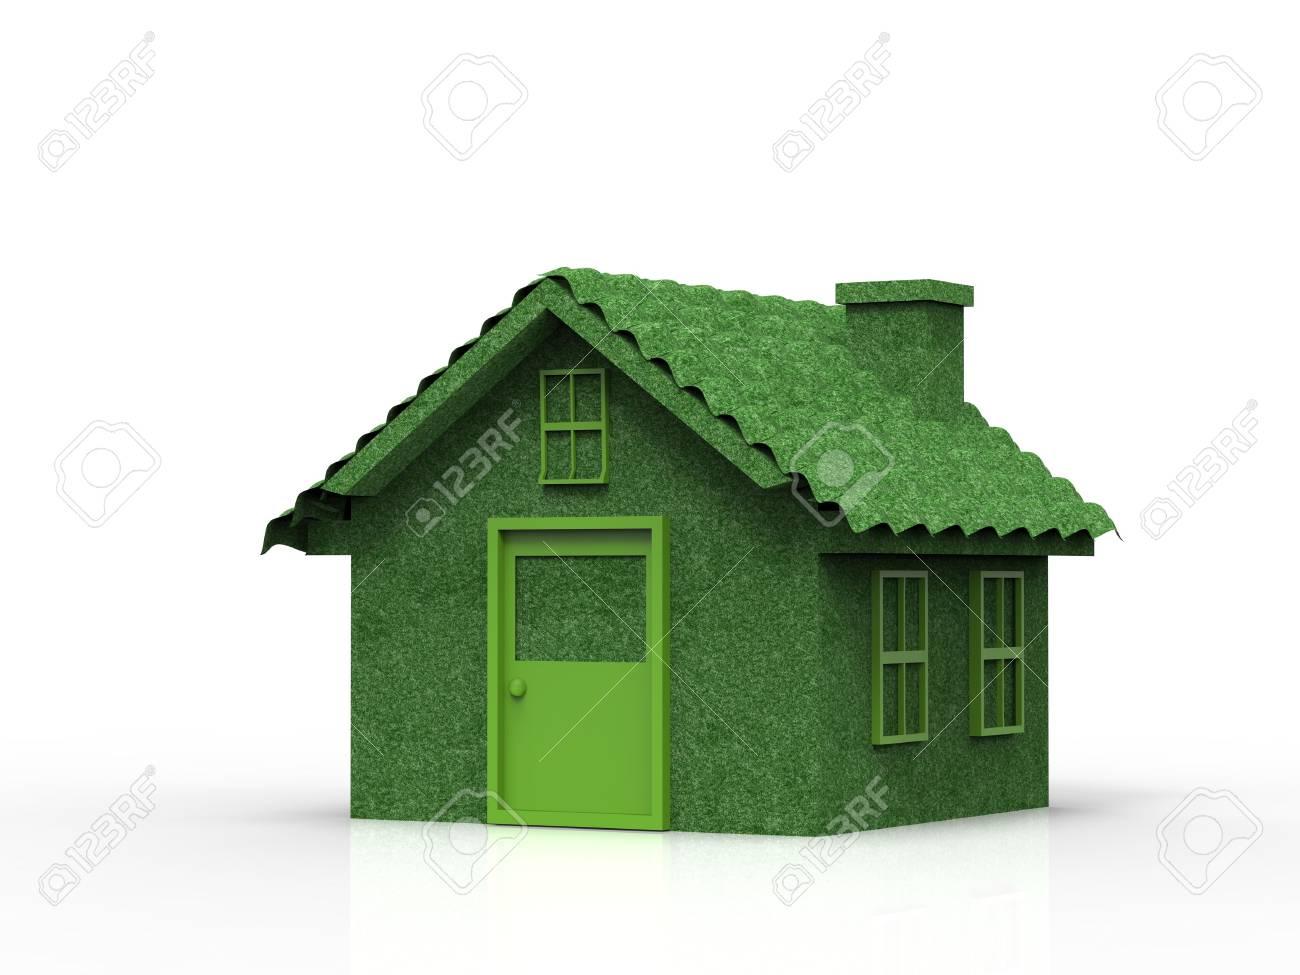 Banque dimages maison de maquette verte ou maison de modèle sur fond blanc